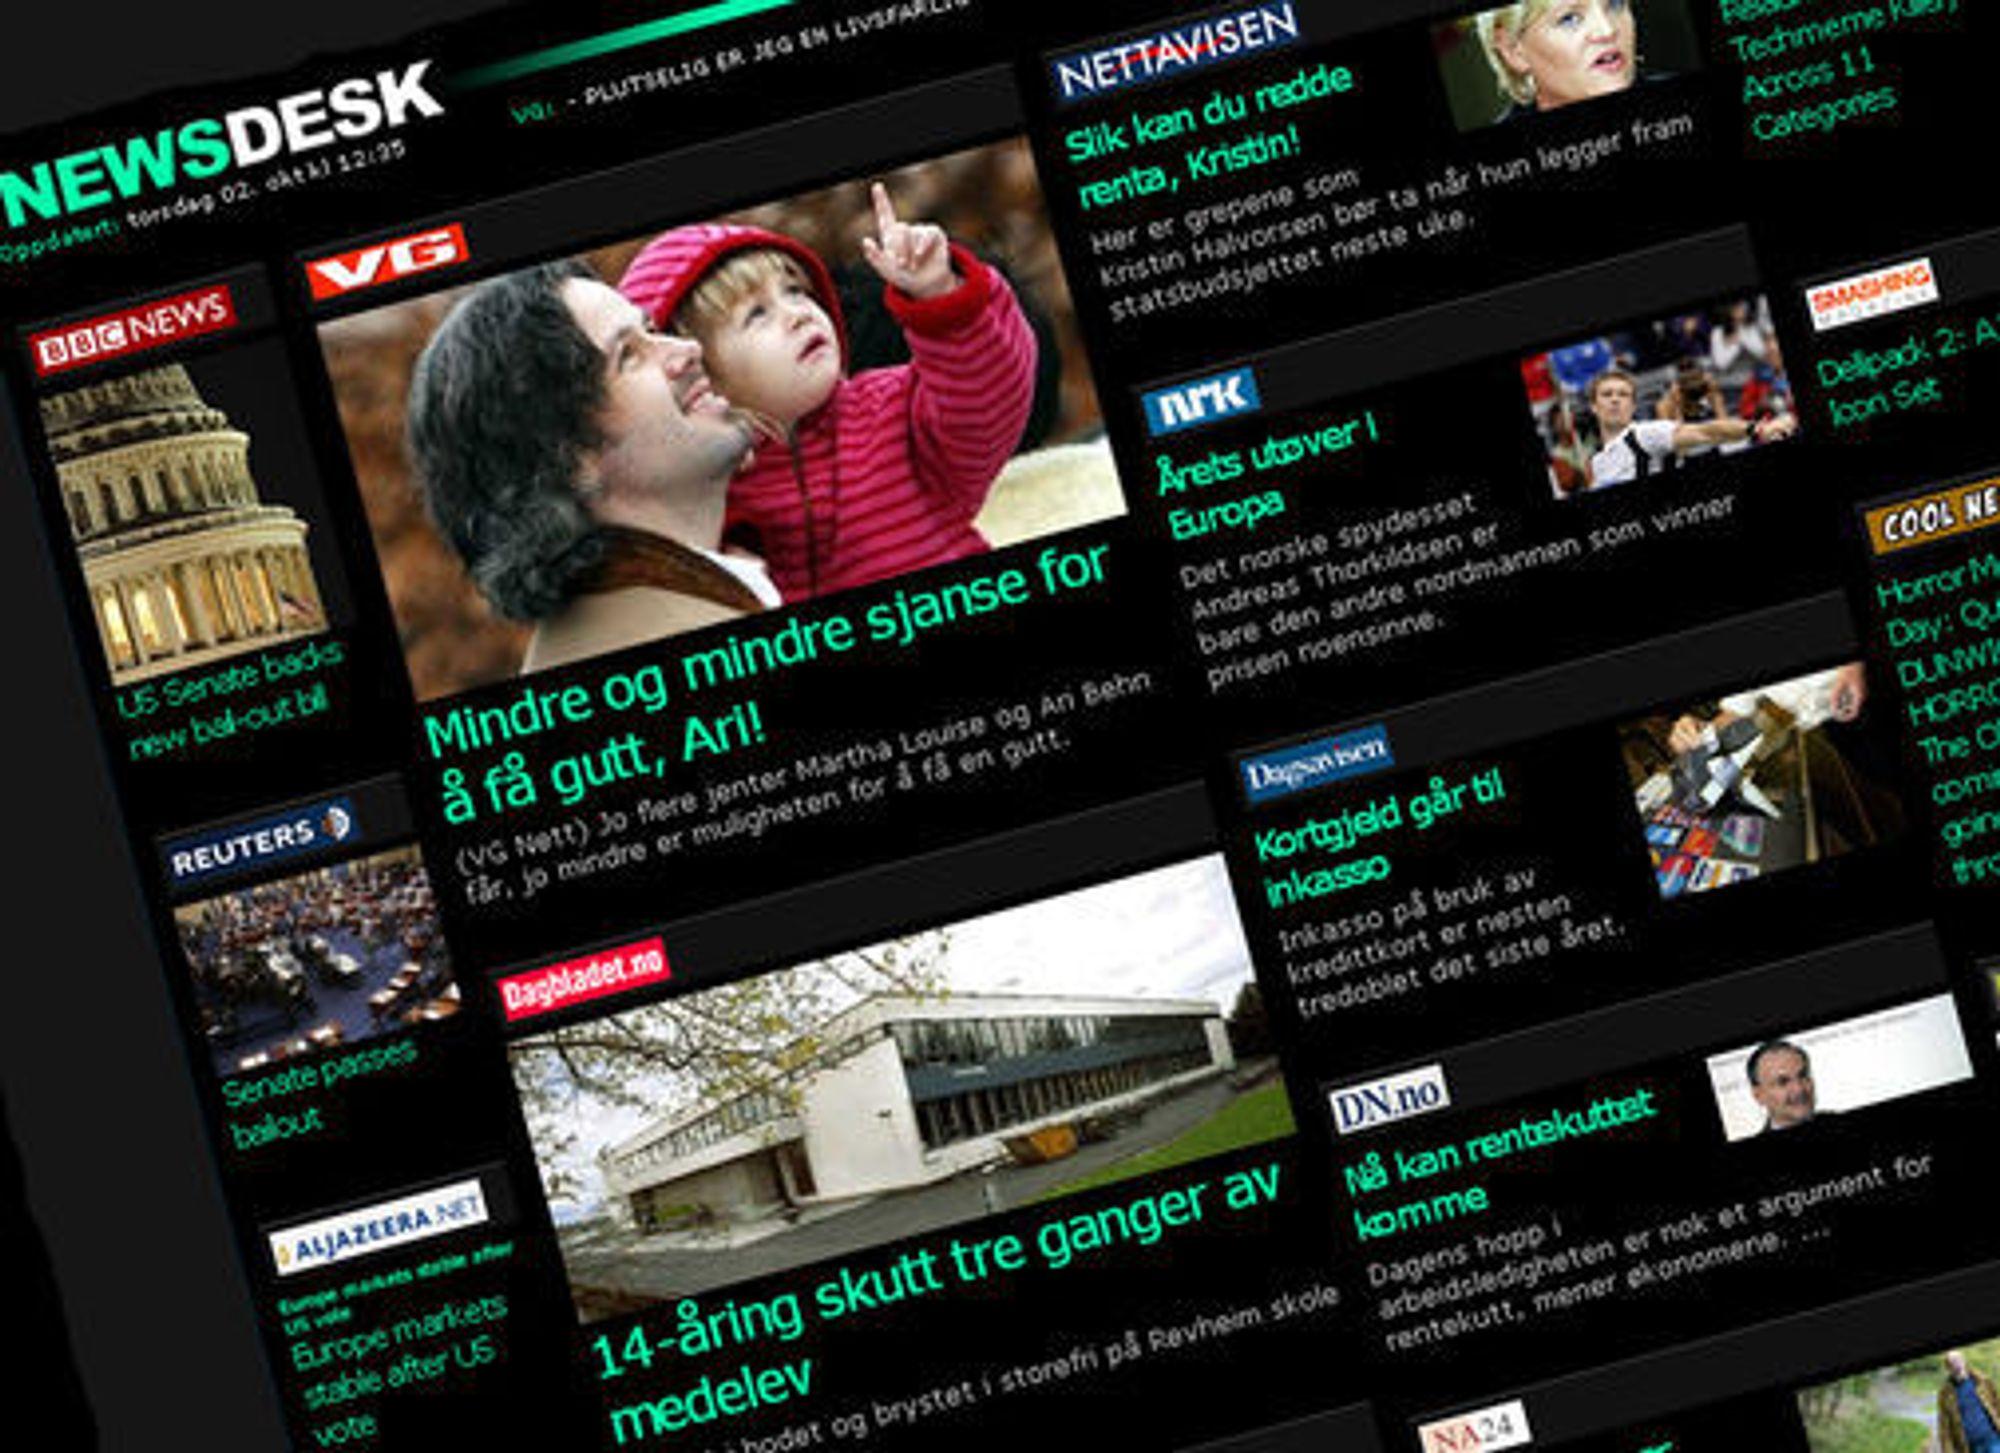 iPhone-utgaven av NewsDesk henter informasjonen sin fra NewsWeb-serveren, og innholdet er også tilgjengelig gjennom en vanlig webside.